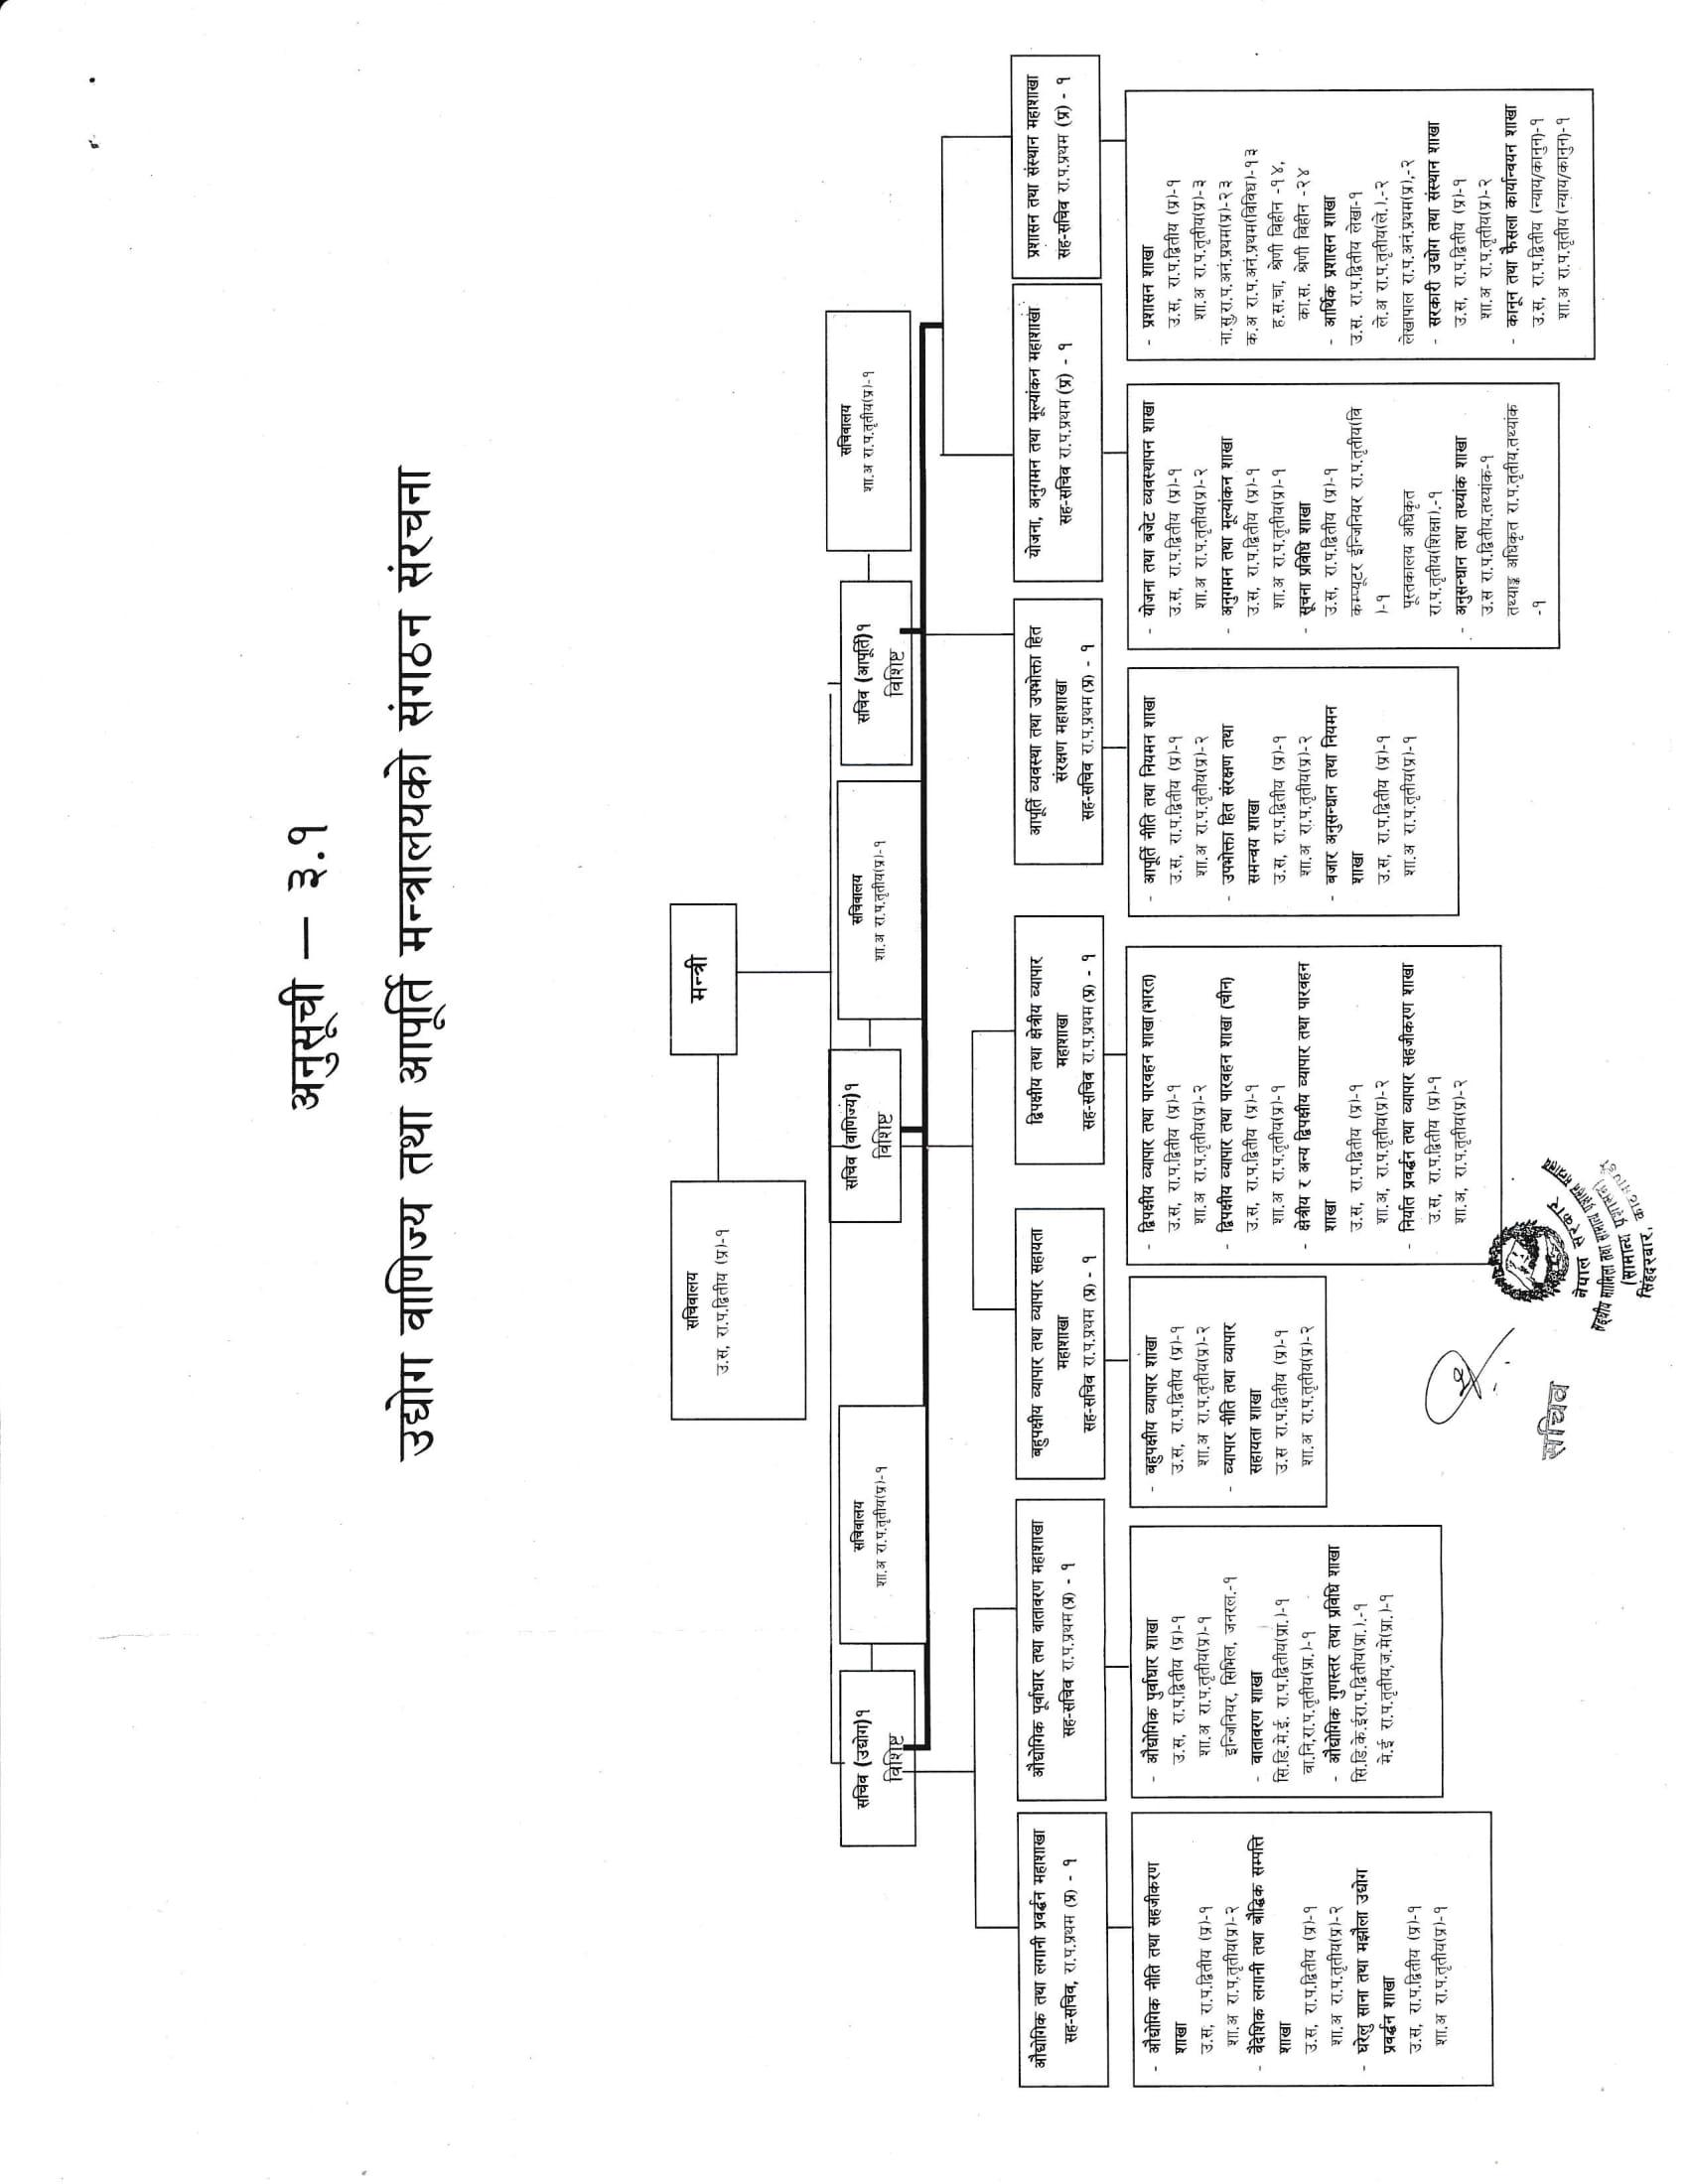 संगठन संरचना तथा दरबन्दी